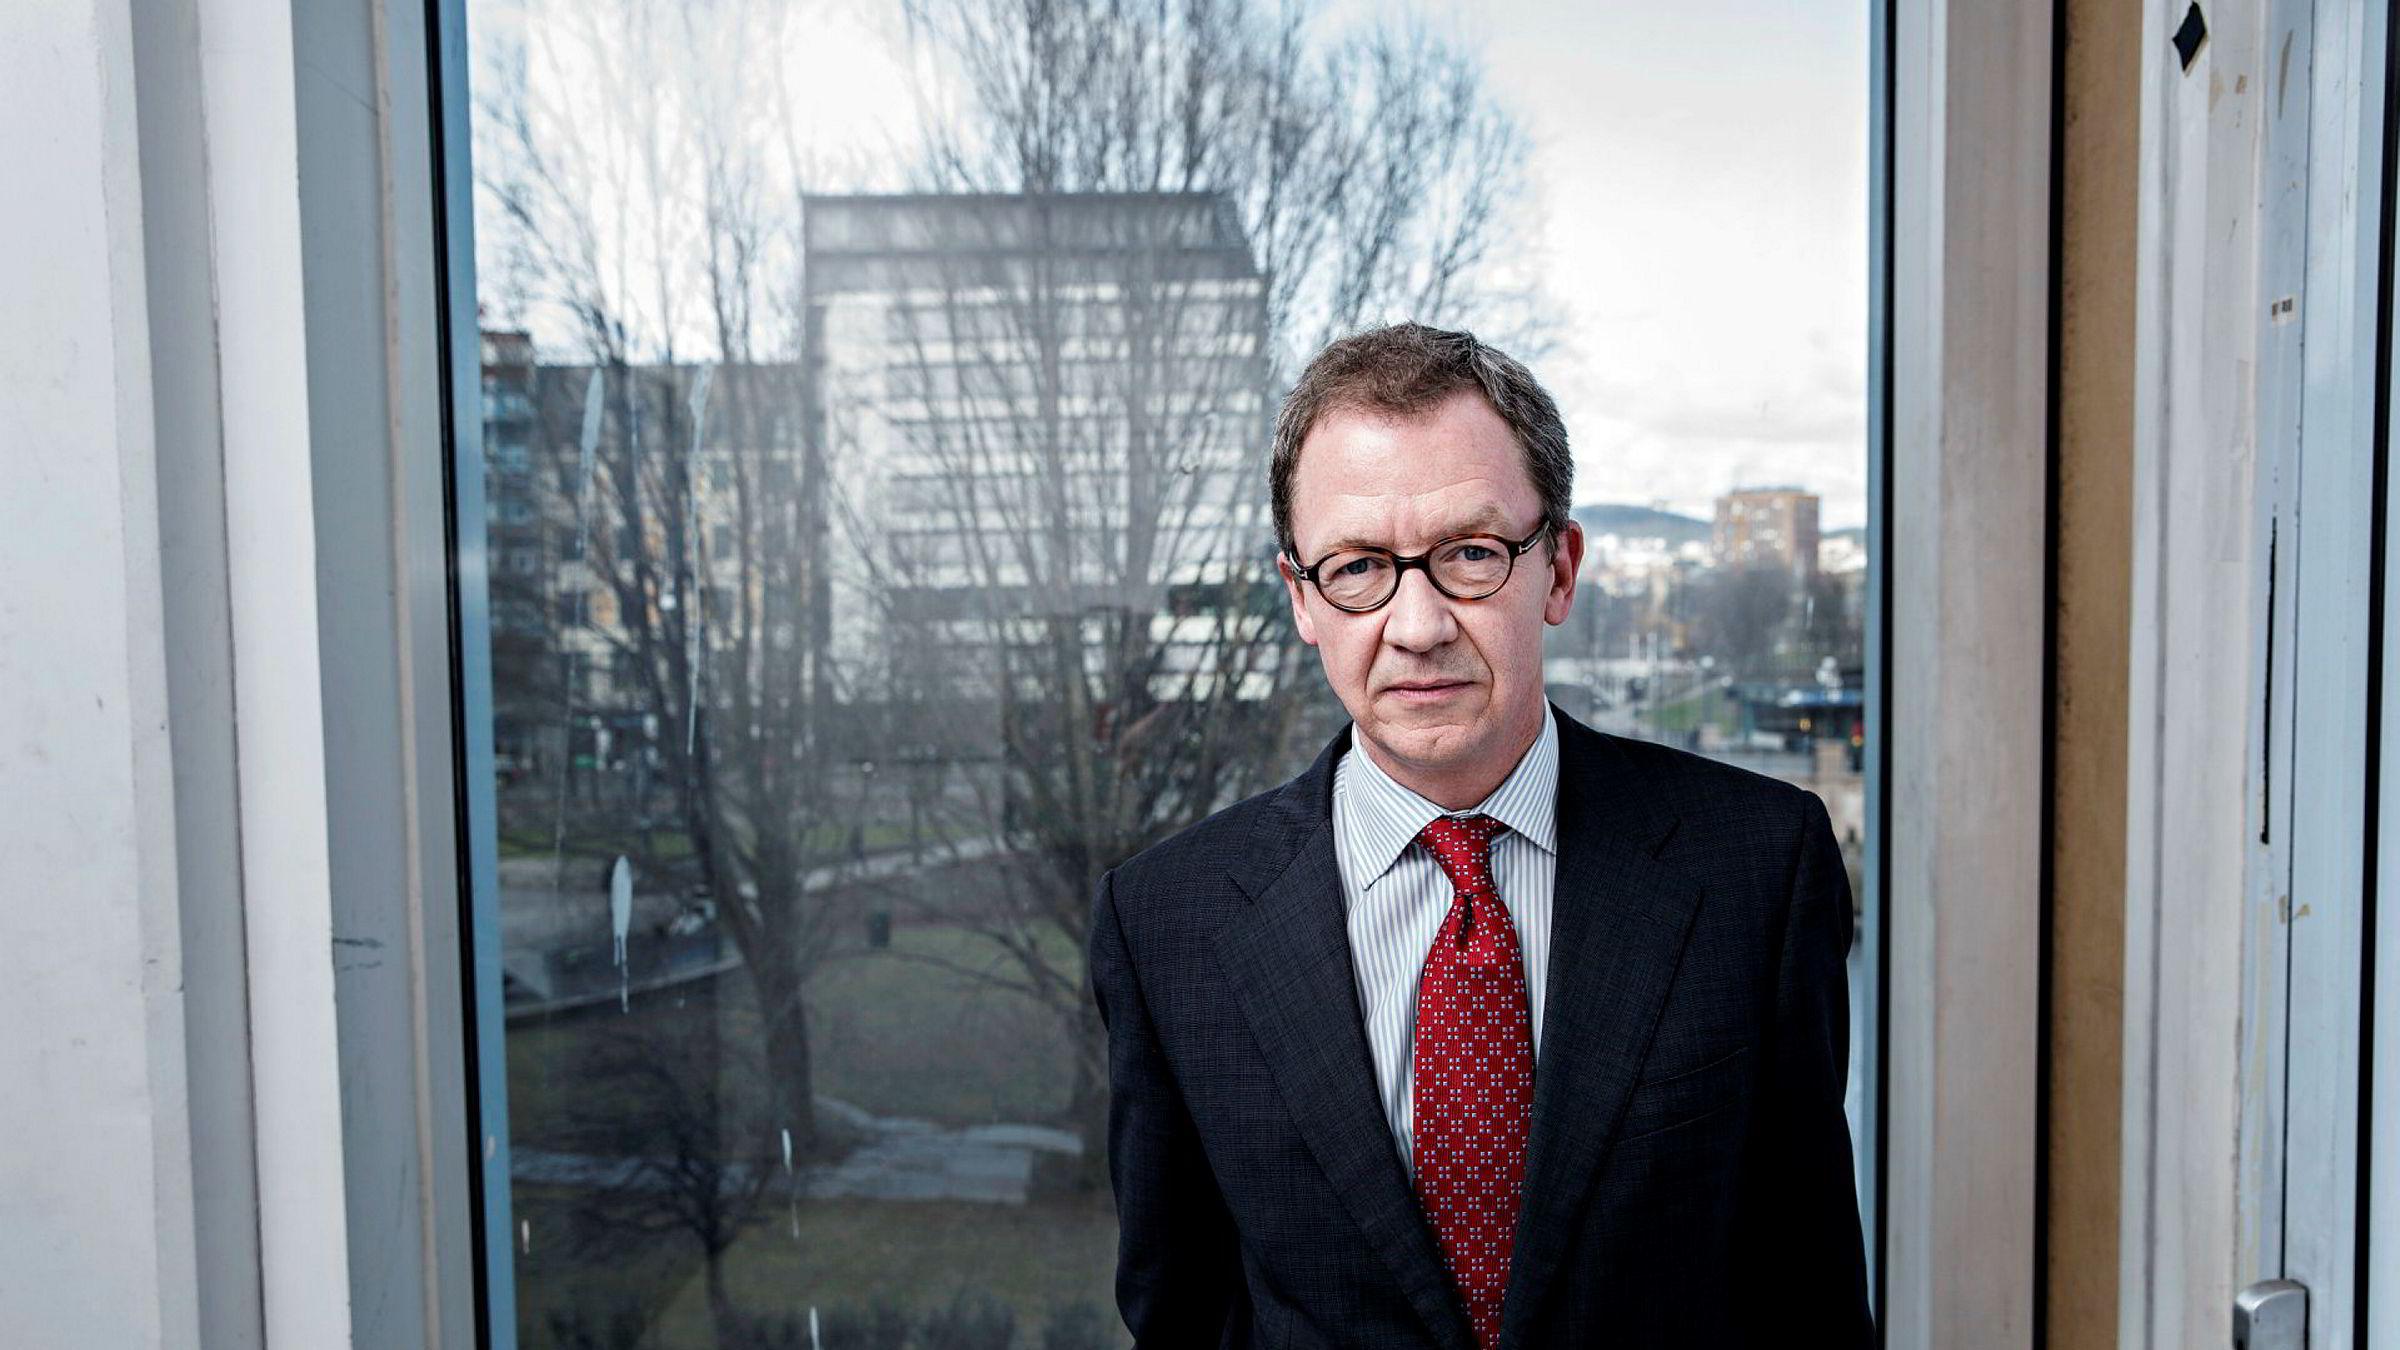 Administrerende direktør Idar Kreutzer i Finans Norge mener det er bra med en bedre vurdering av økonomisk klimarisiko.